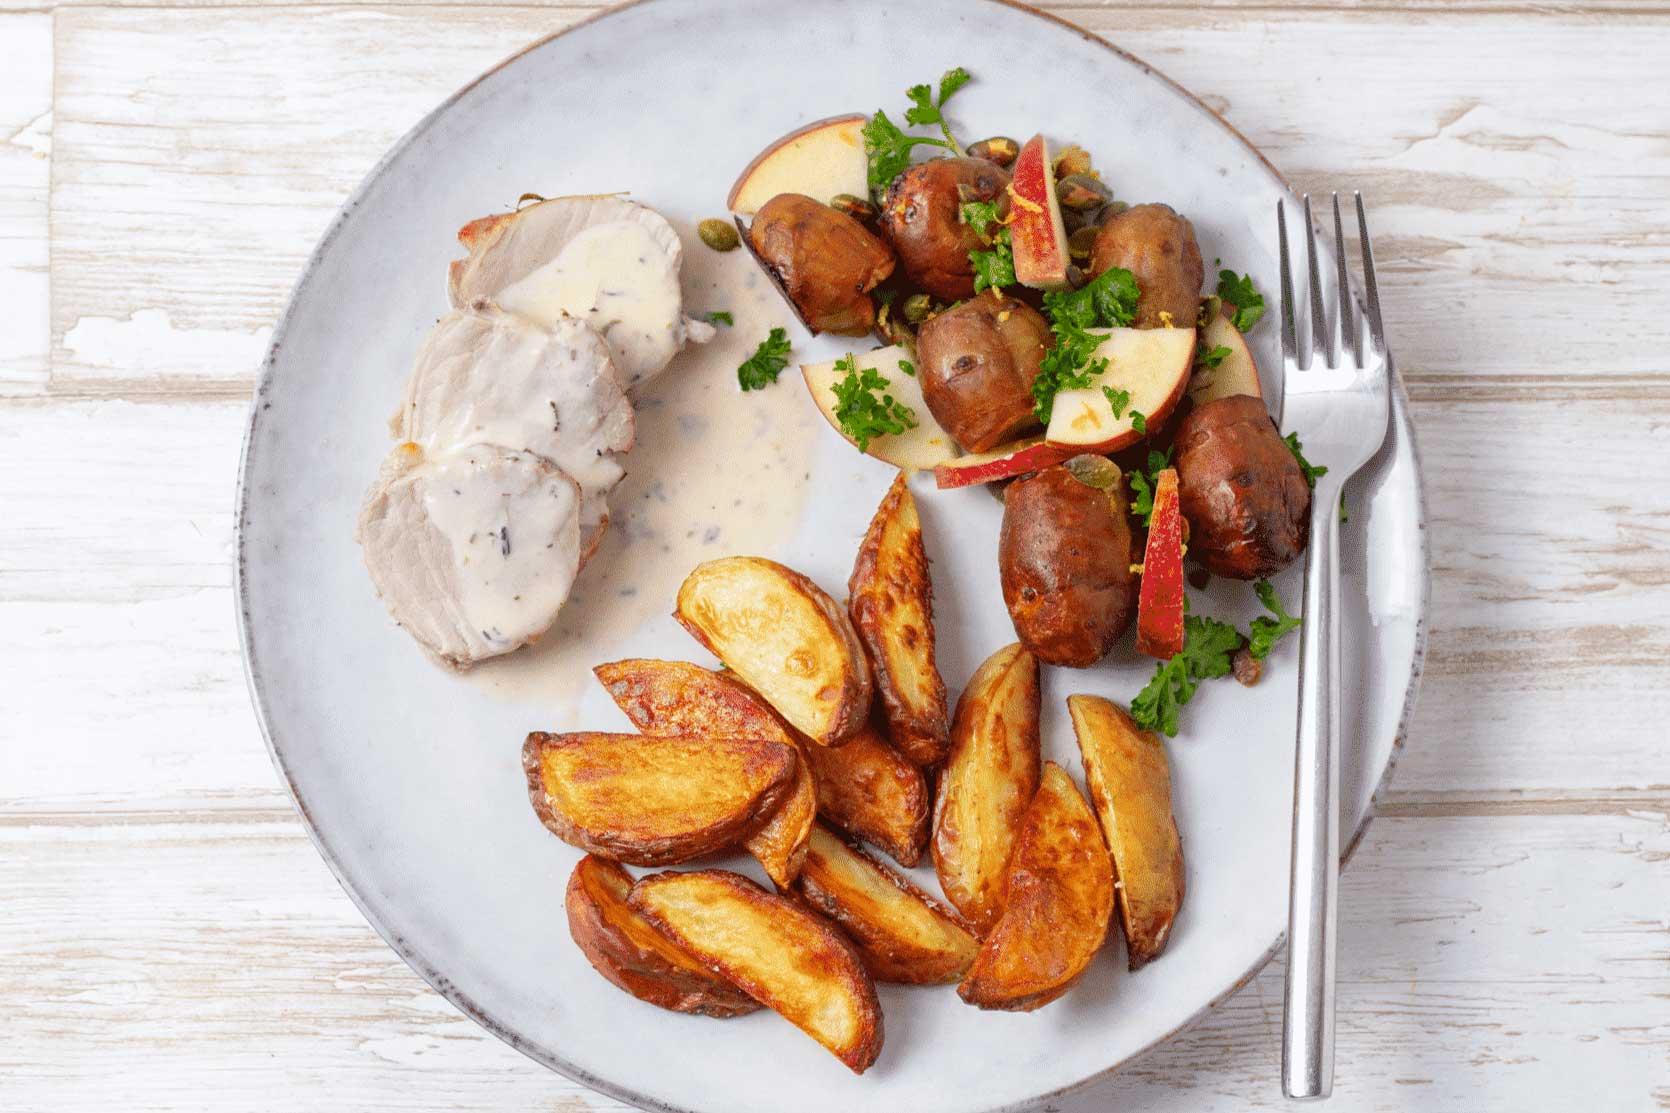 svinemørbrad med kartofler